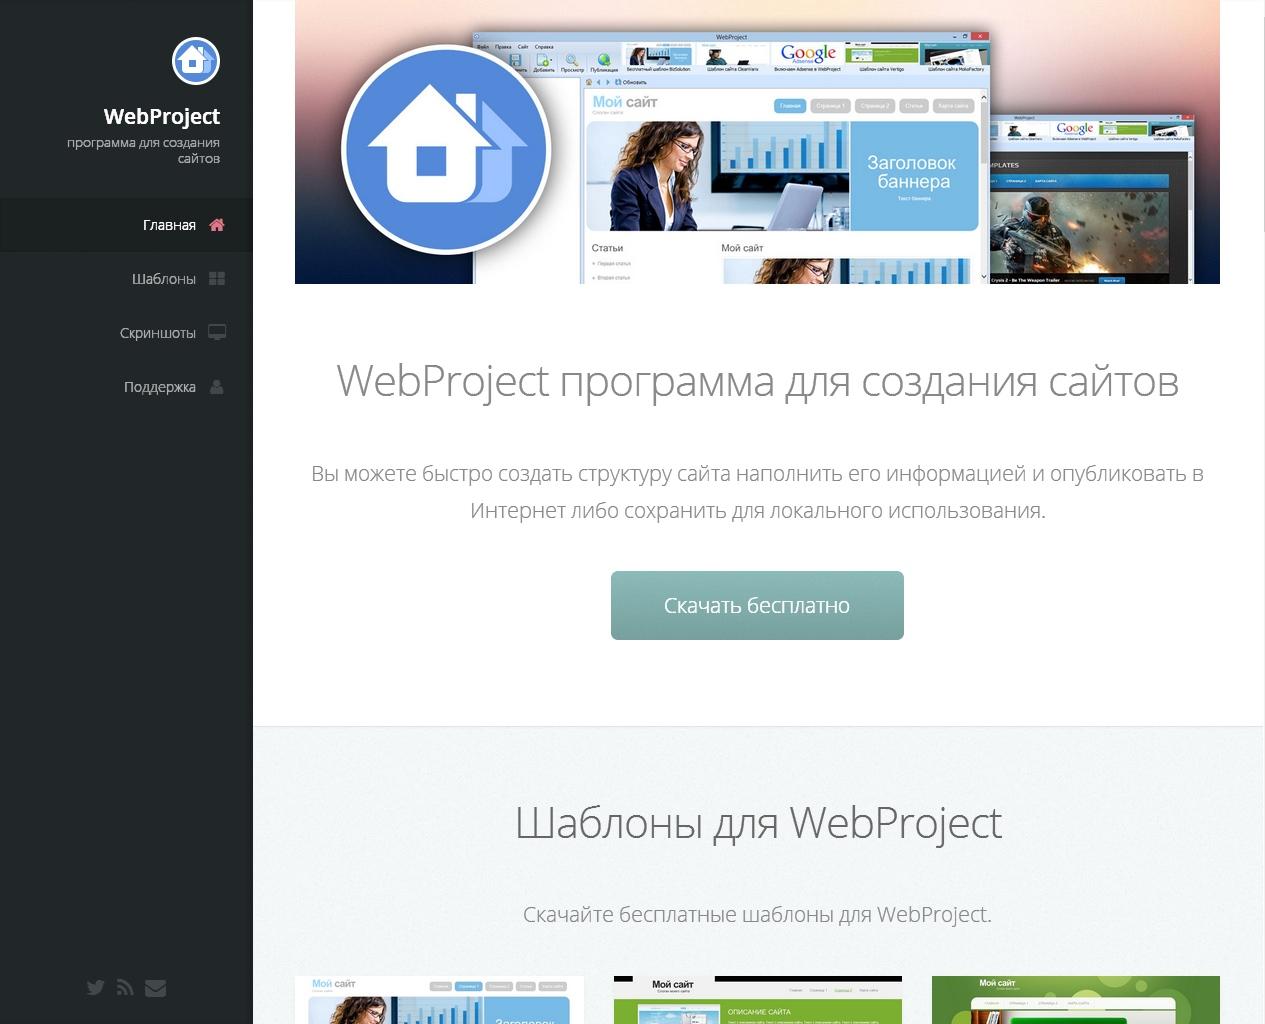 Скачать программа для создания сайта для начинающих